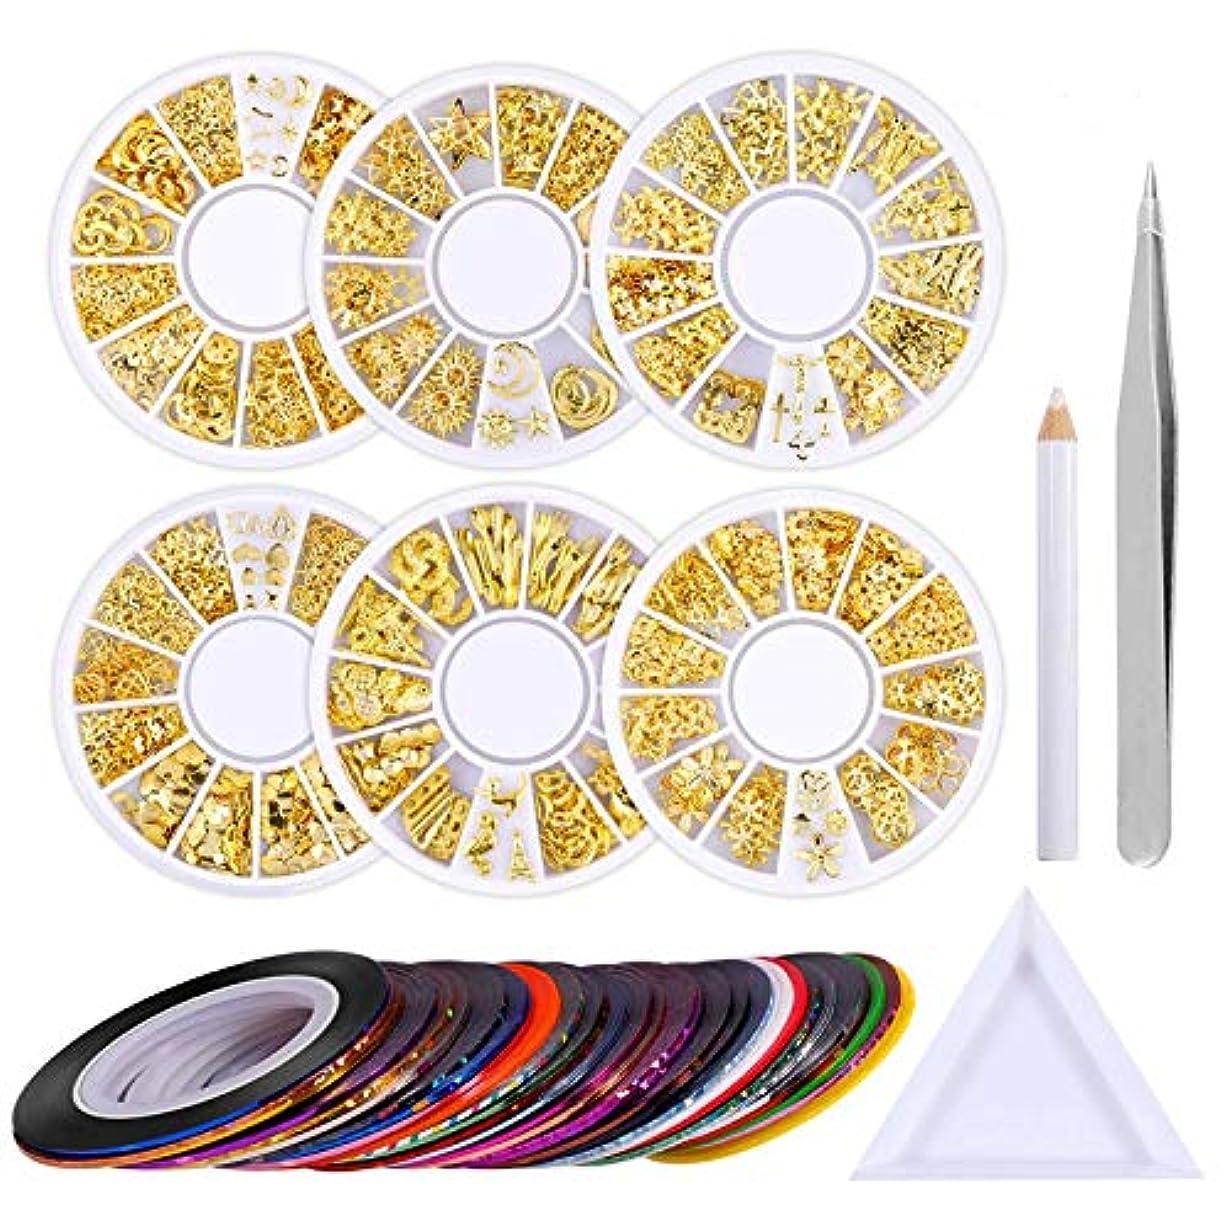 正確にスムーズに想像する3Dネイルアートデコレーションブリオン ネイルデザイン ミックス日式パーツ シルバー&ゴールド 精選6種ラウンドケースセットピンセット付工具